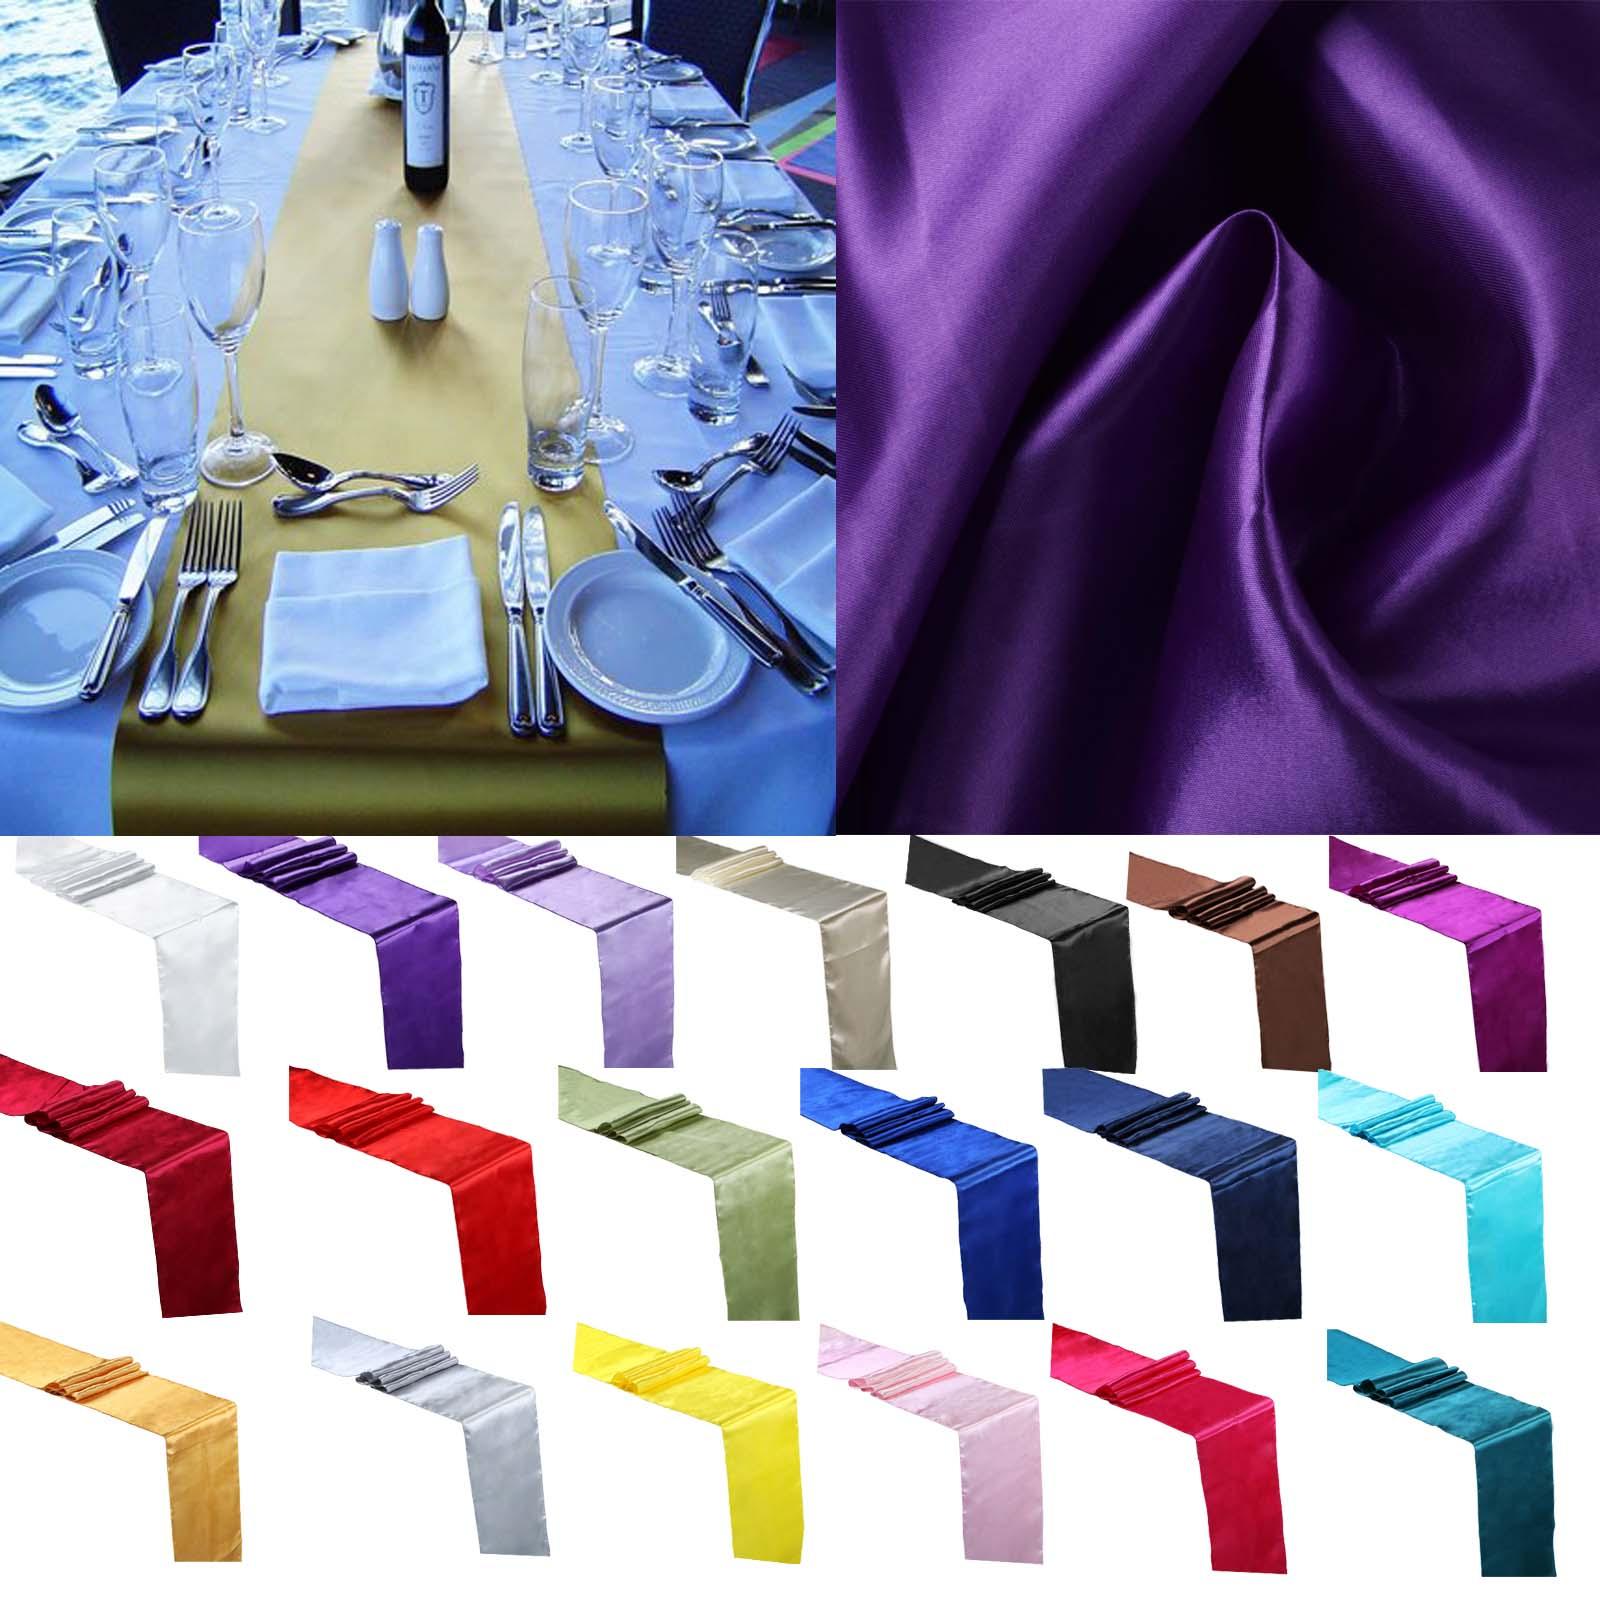 5pcs 30cm * 275 centímetros de Cetim pano de Tabela Wedding Party Runners Decoração Evento Abastecimento Tecido de Cetim Cadeira Faixa Arco tampa de tabela Toalha de Mesa